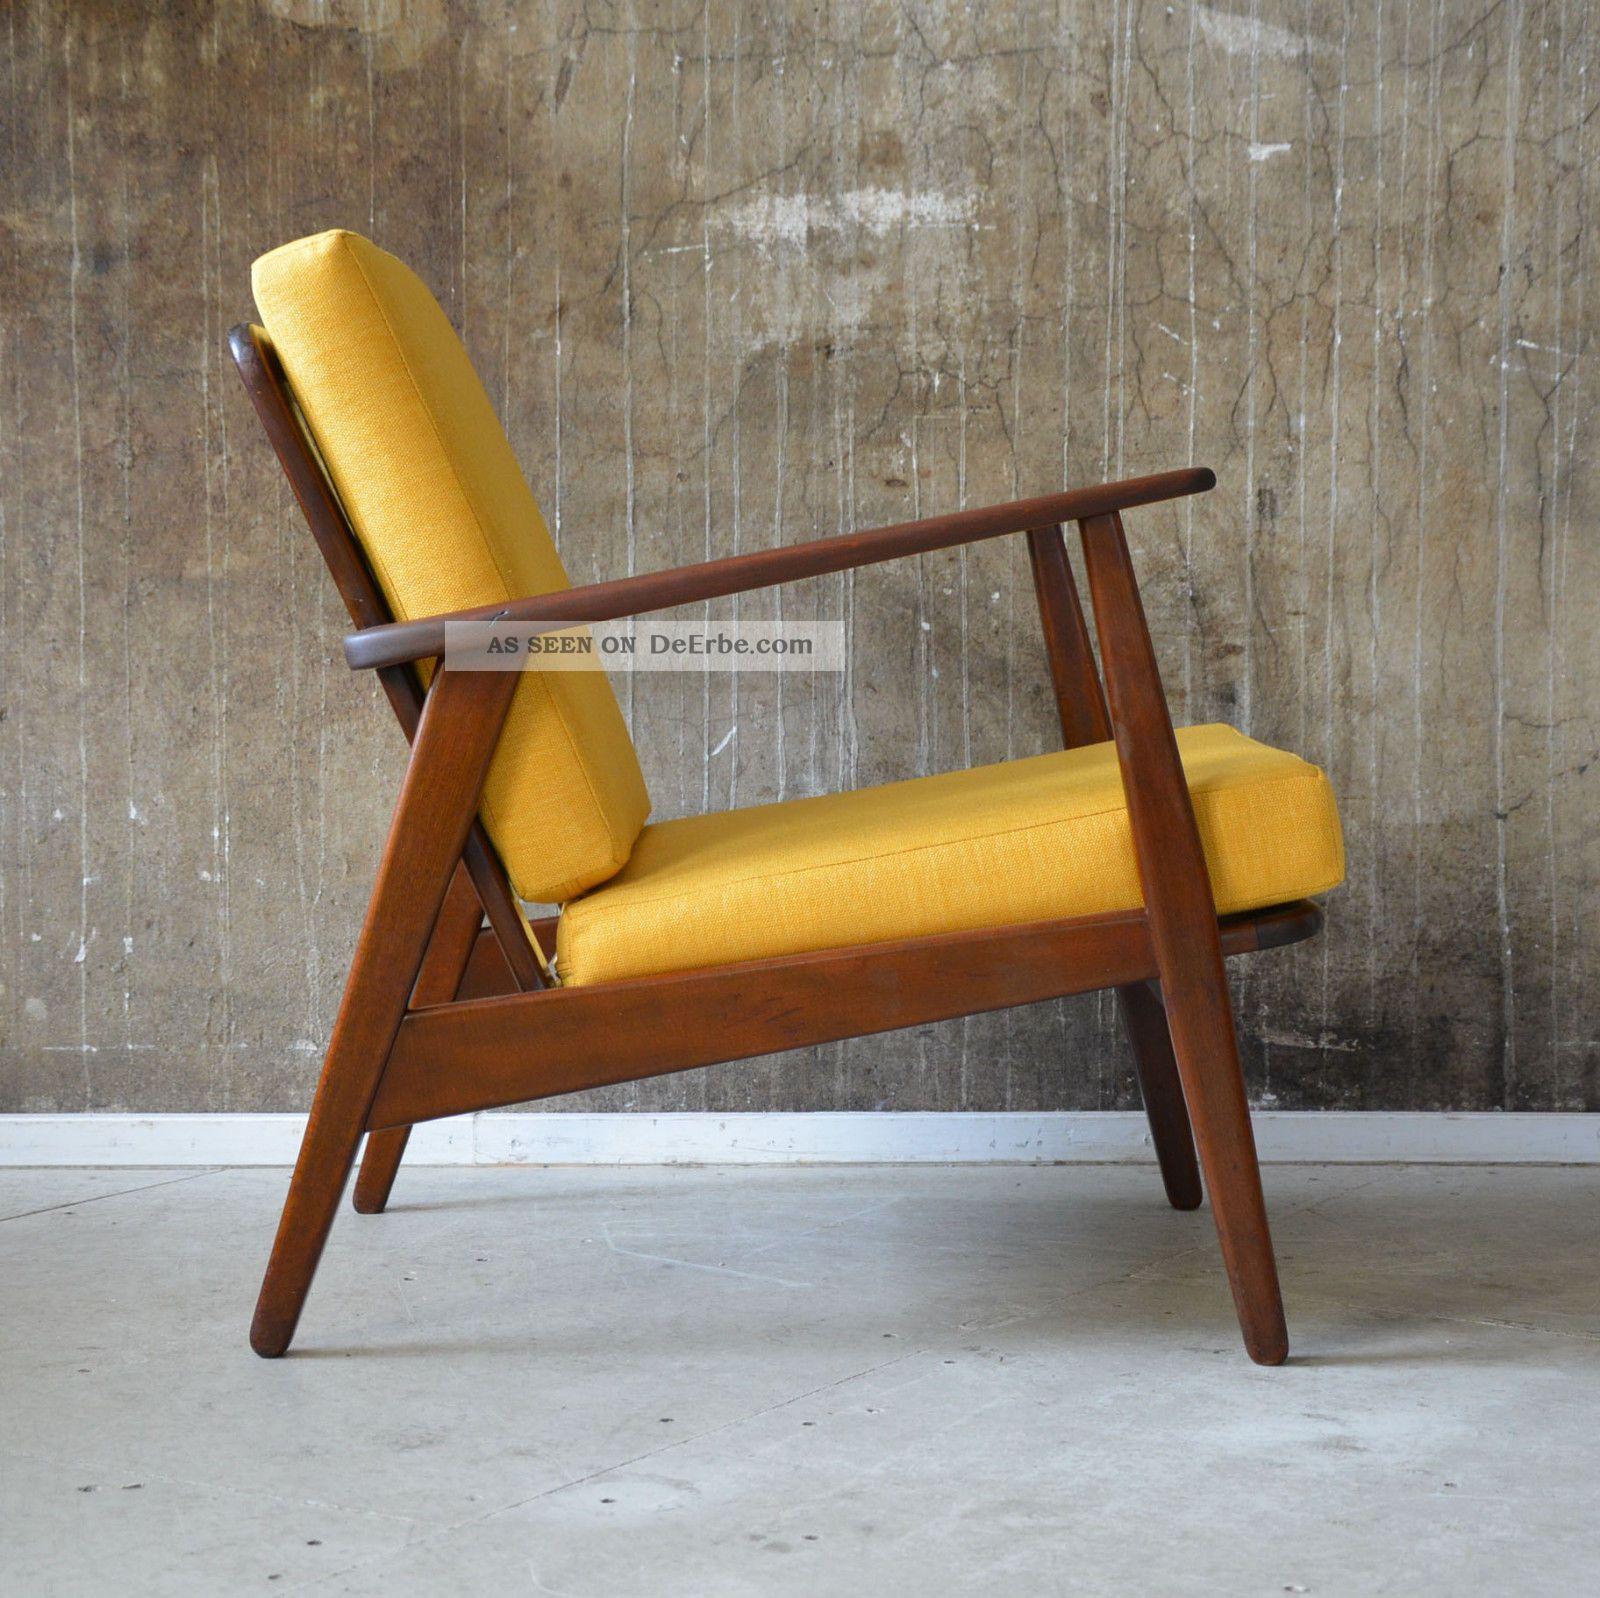 60er Teak Sessel Danish Design 60s Easy Chair Vintage Midcentury